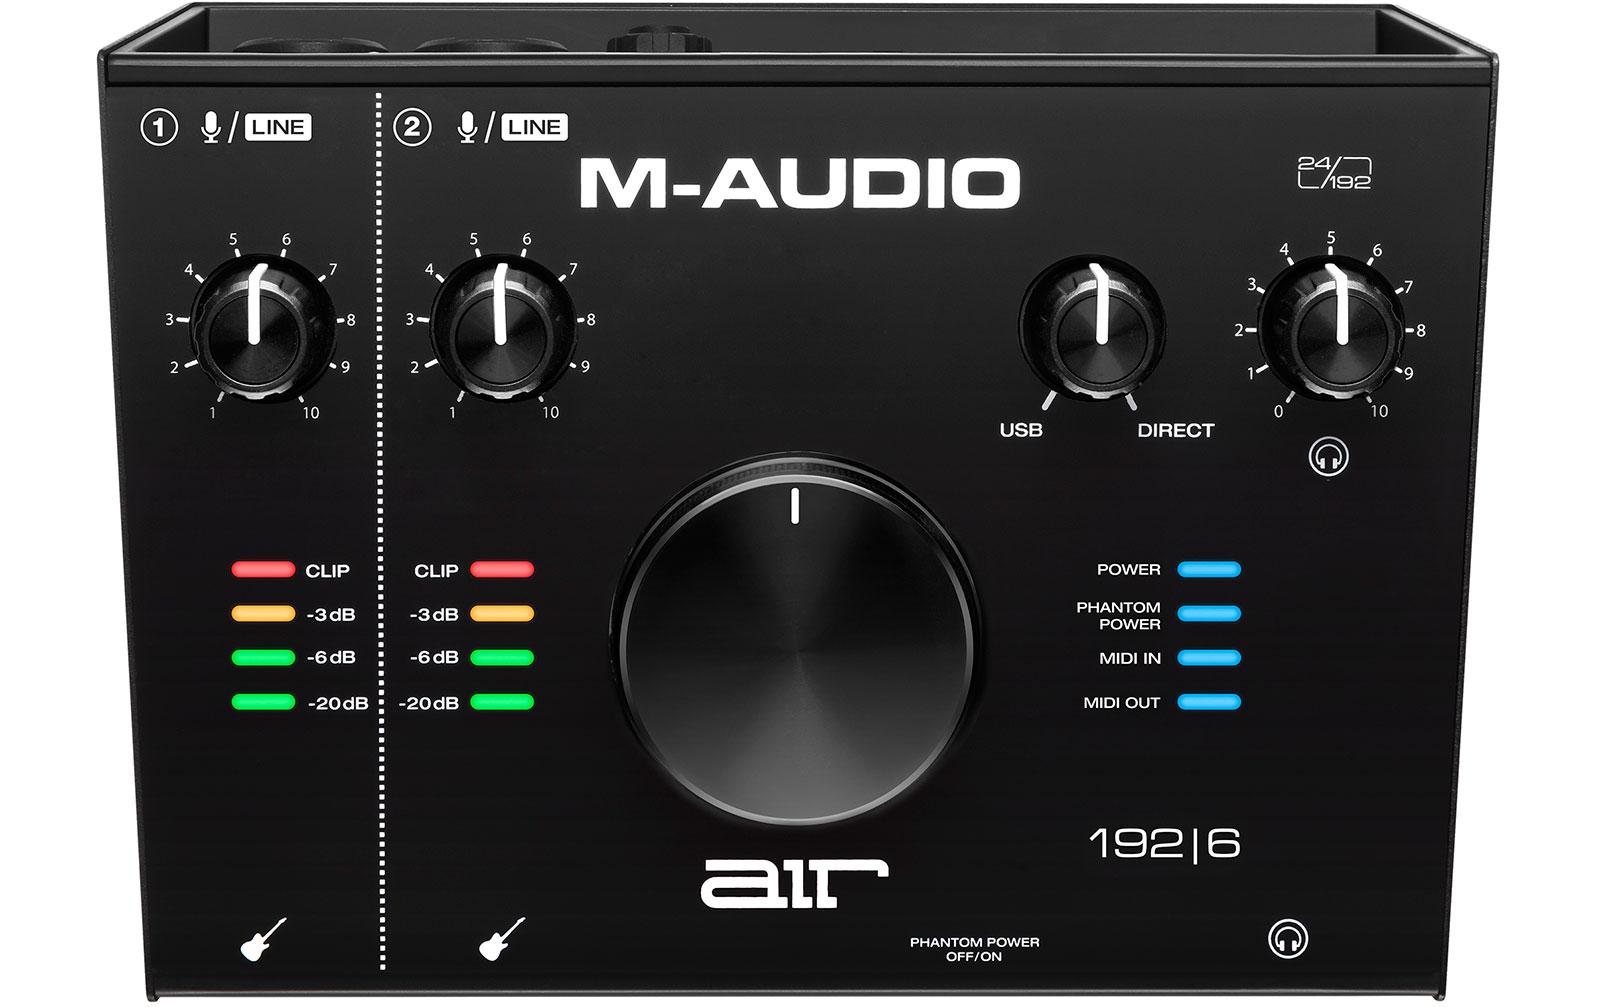 m-audio-air-192x6